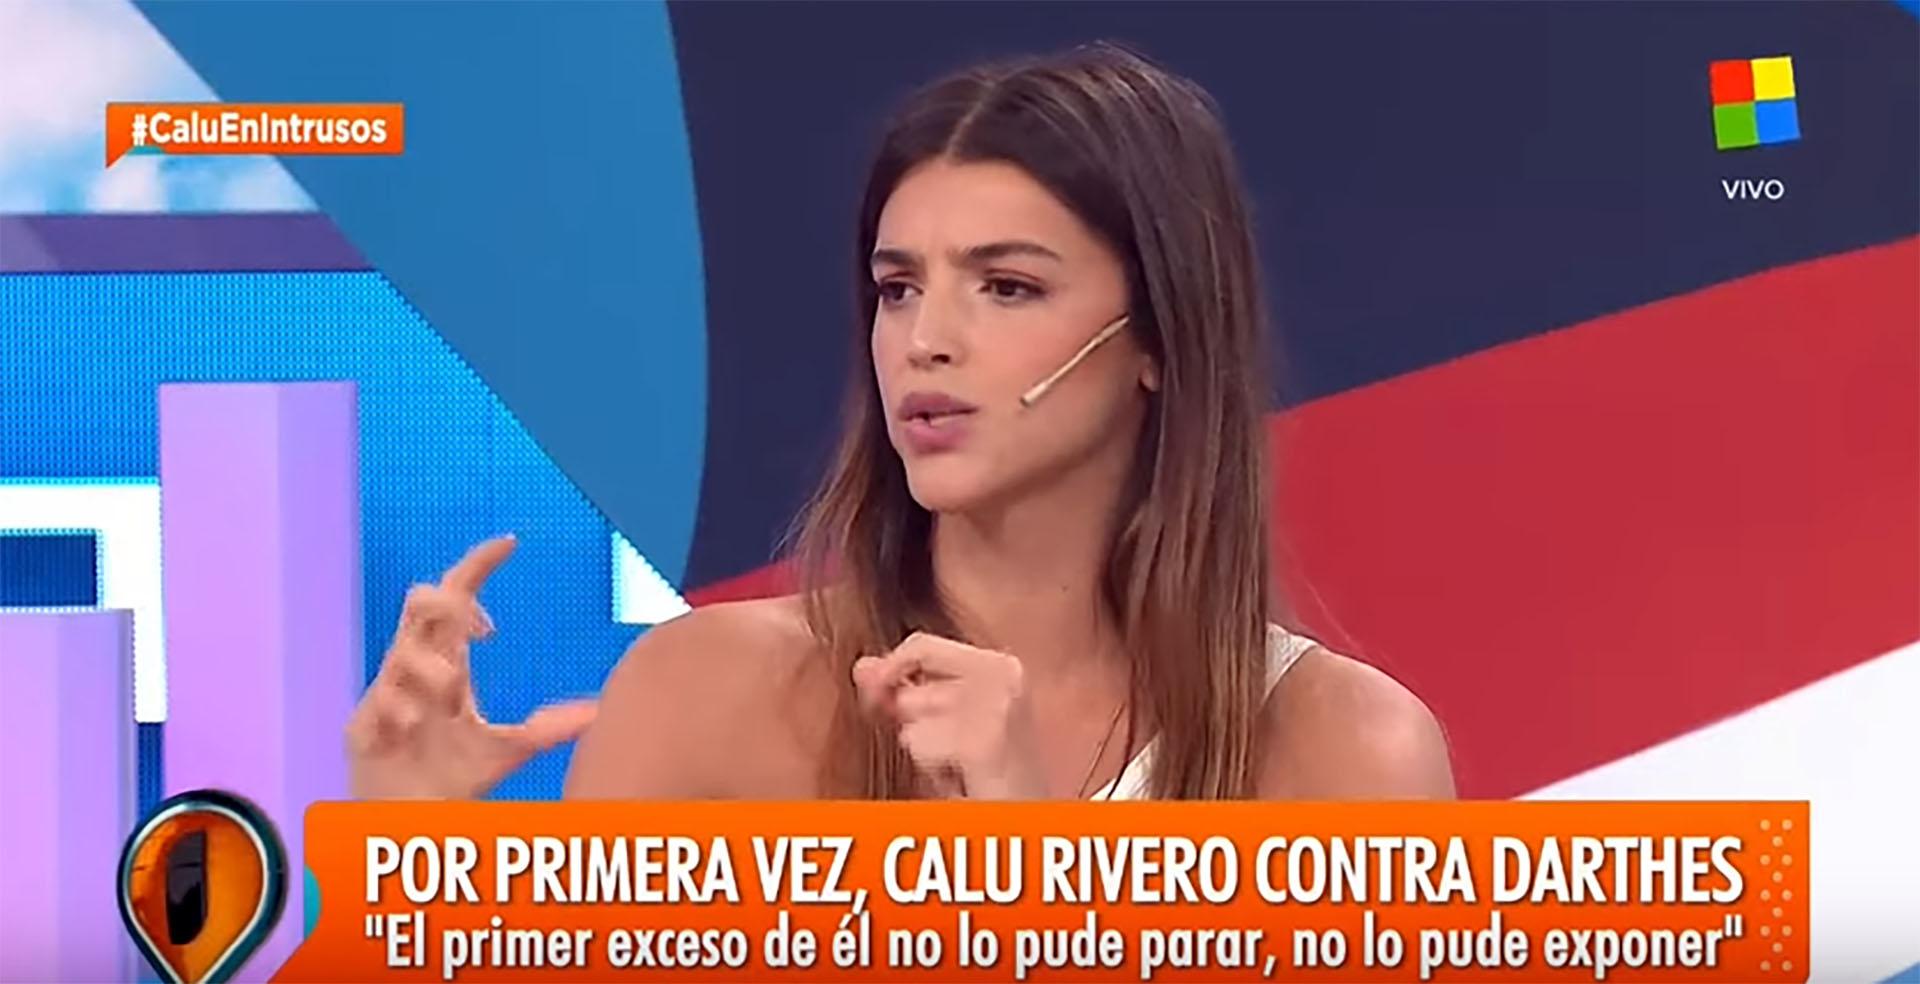 """Calu Rivero habló en """"Intrusos"""" sobre los supuestos excesos de Juan Darthés, su ex compañero de """"Dulce amor"""": """"Le dije que me estaba haciendo mal y que lloraba"""""""